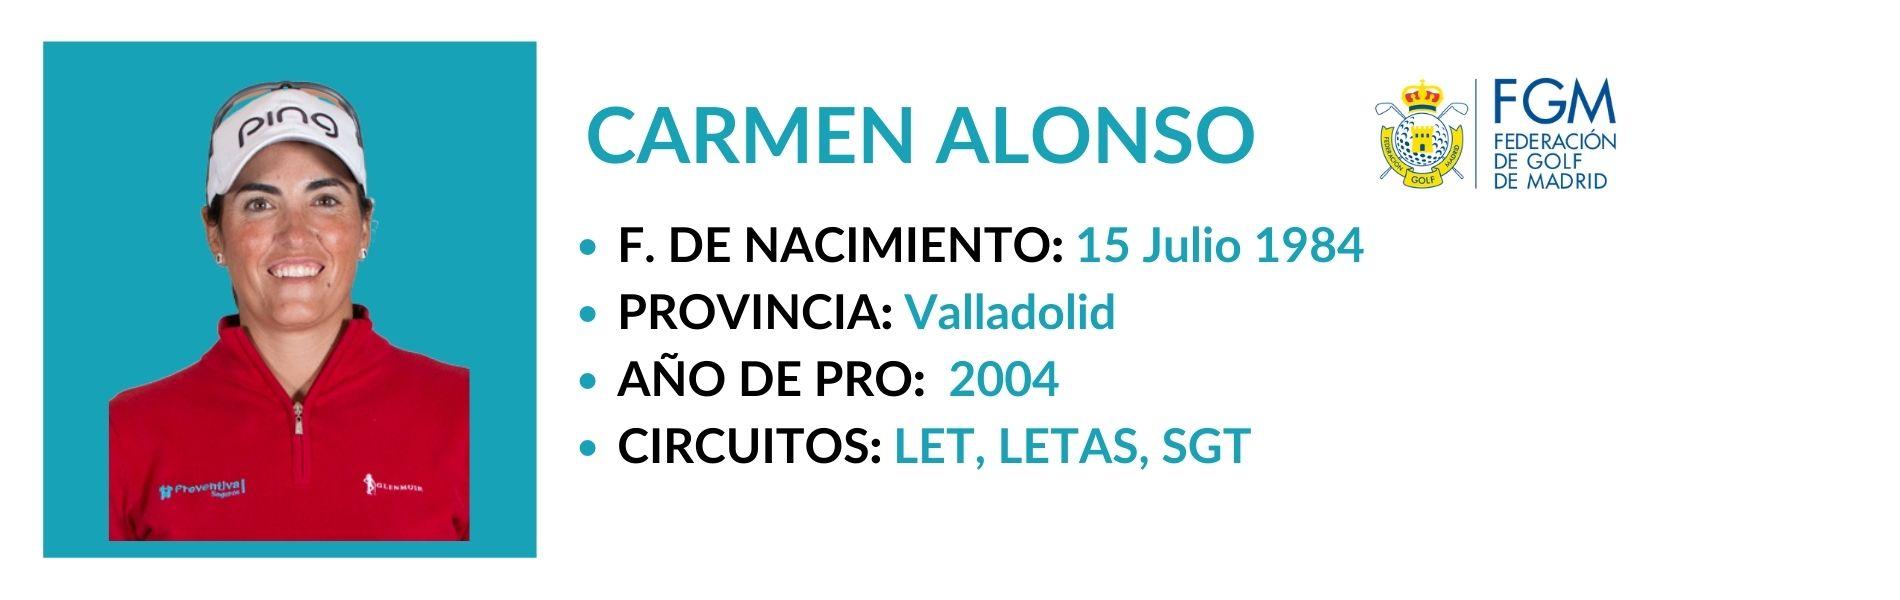 Carmen Alonso 2